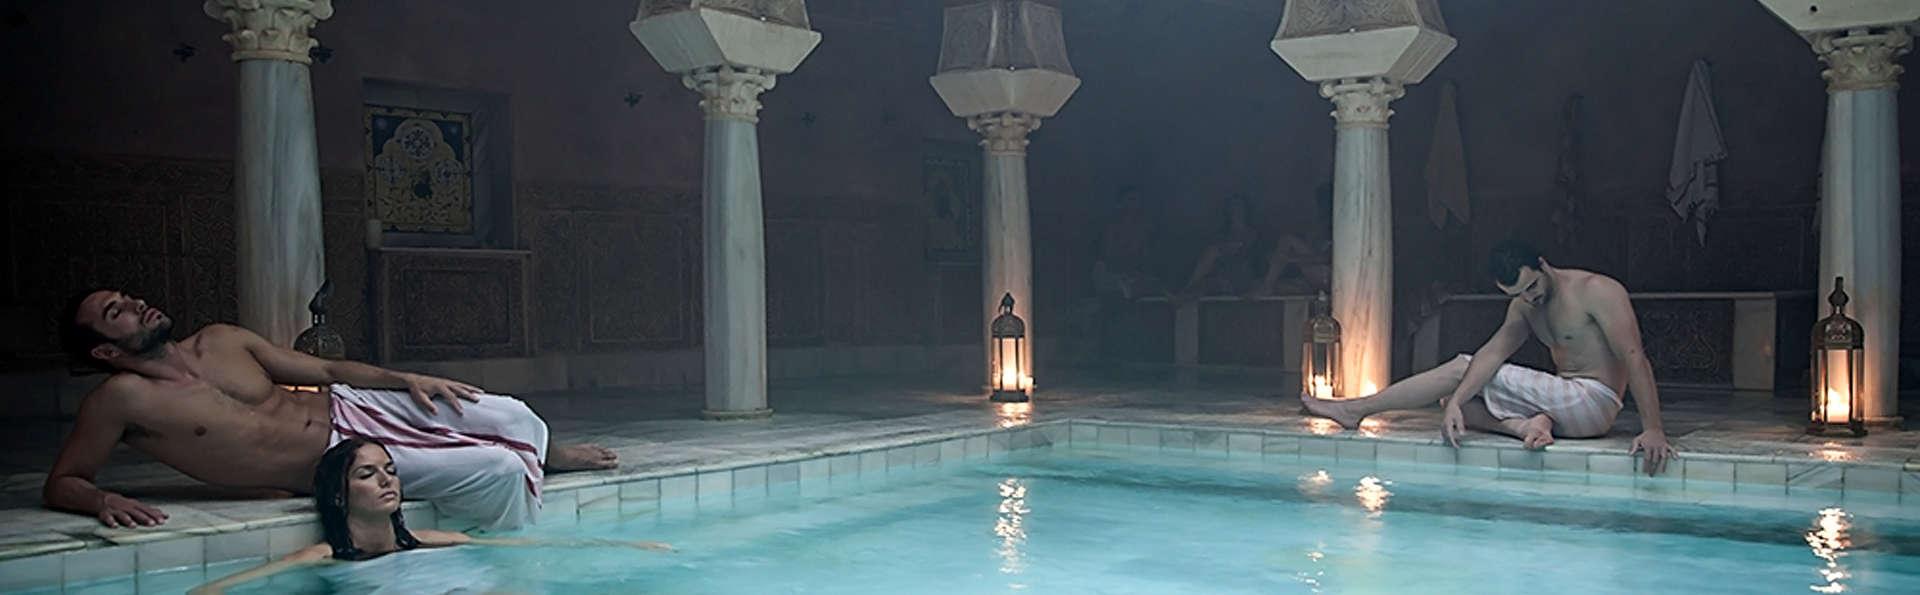 Oferta Baños Arabes Cordoba | Escapadas Fin De Semana Ofertas Relax Cordoba Con Acceso Al Hammam